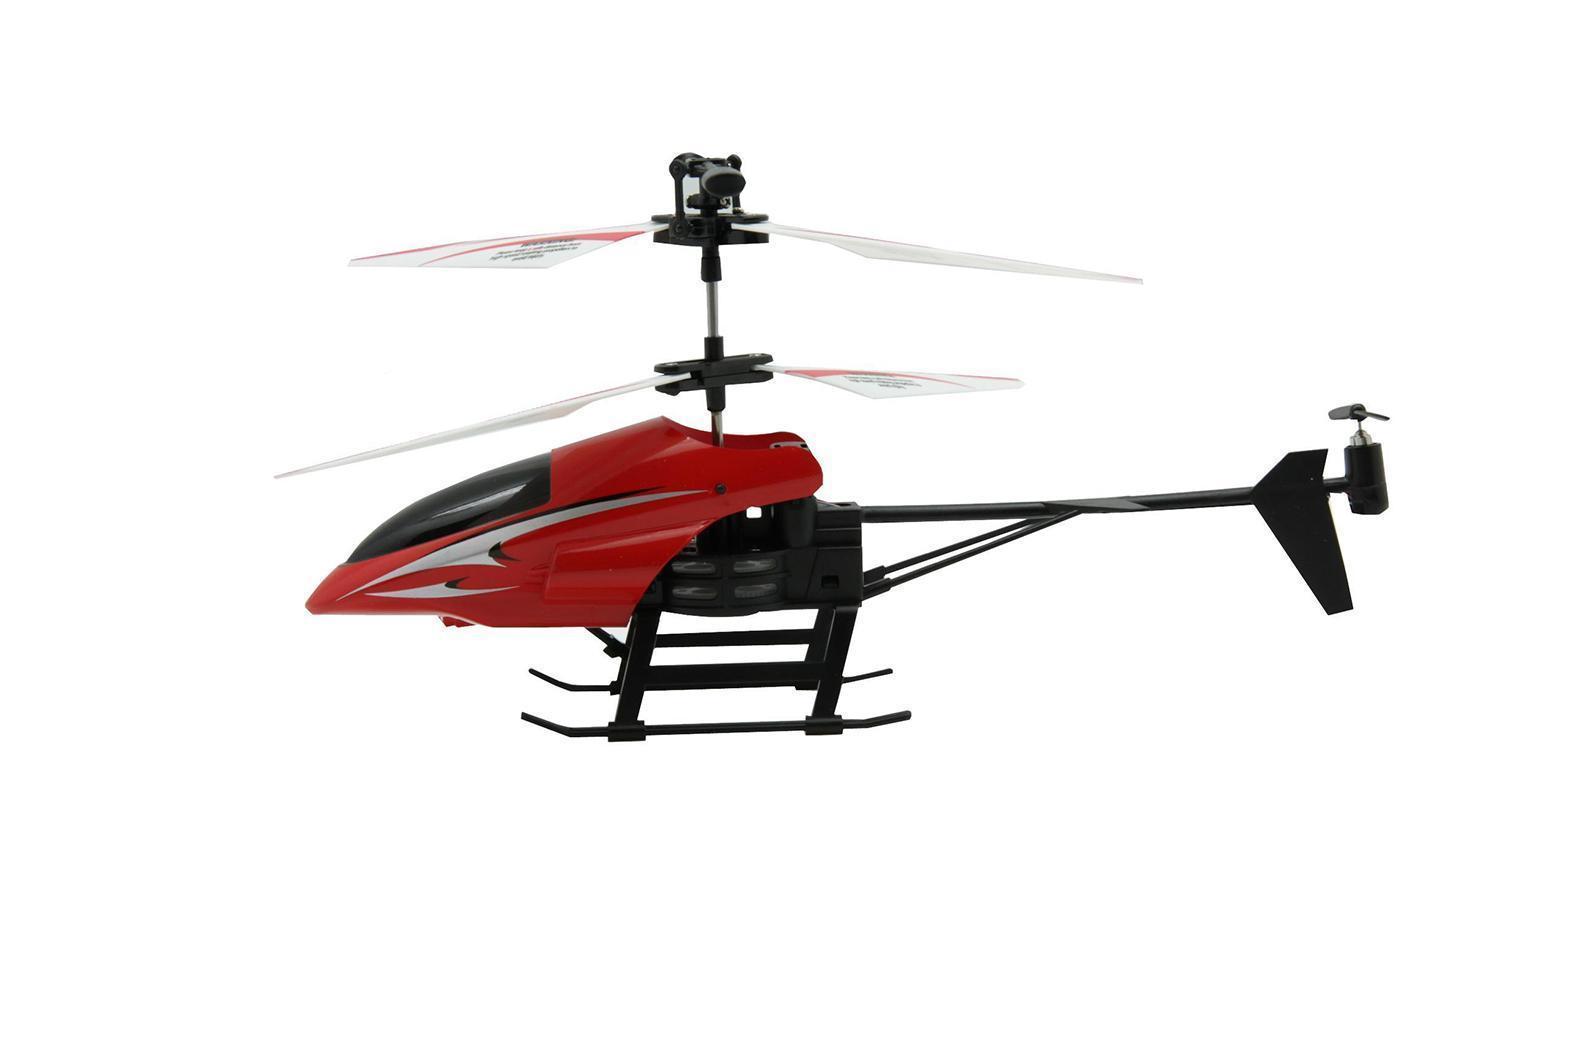 Balbi Вертолет на радиоуправлении цвет красный balbi balbi машинка на радиоуправлении внедорожник crawler 6х6 1 8 синий